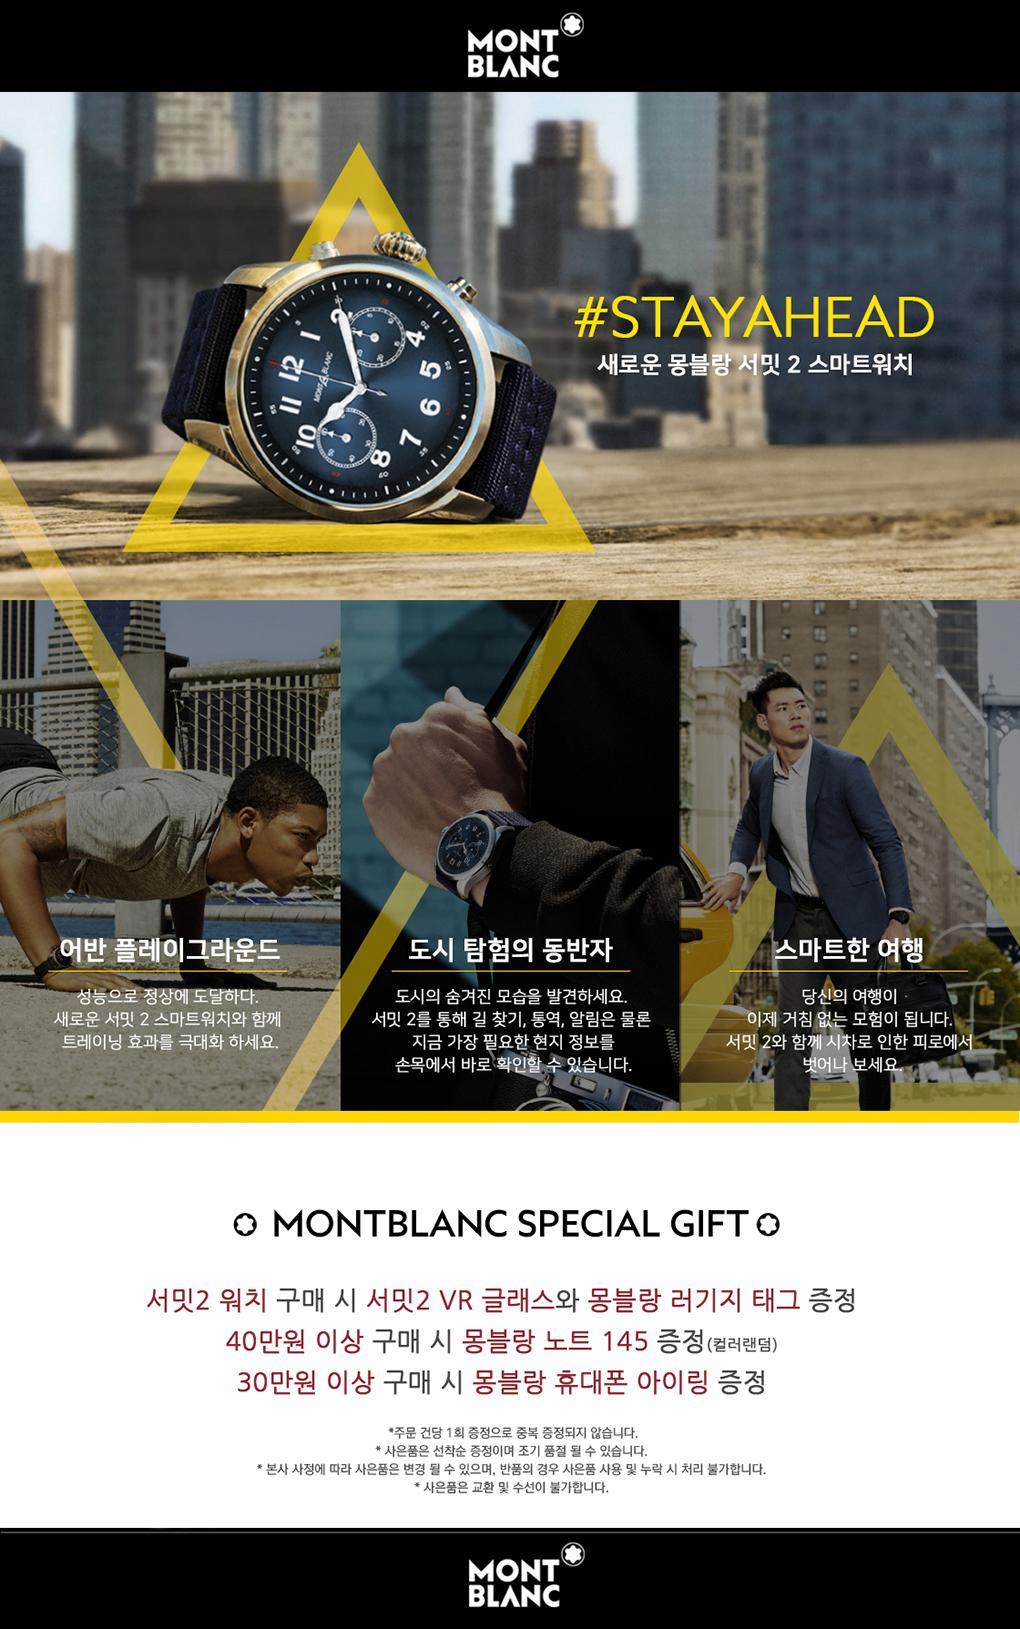 SUMMIT2 Smart Watch